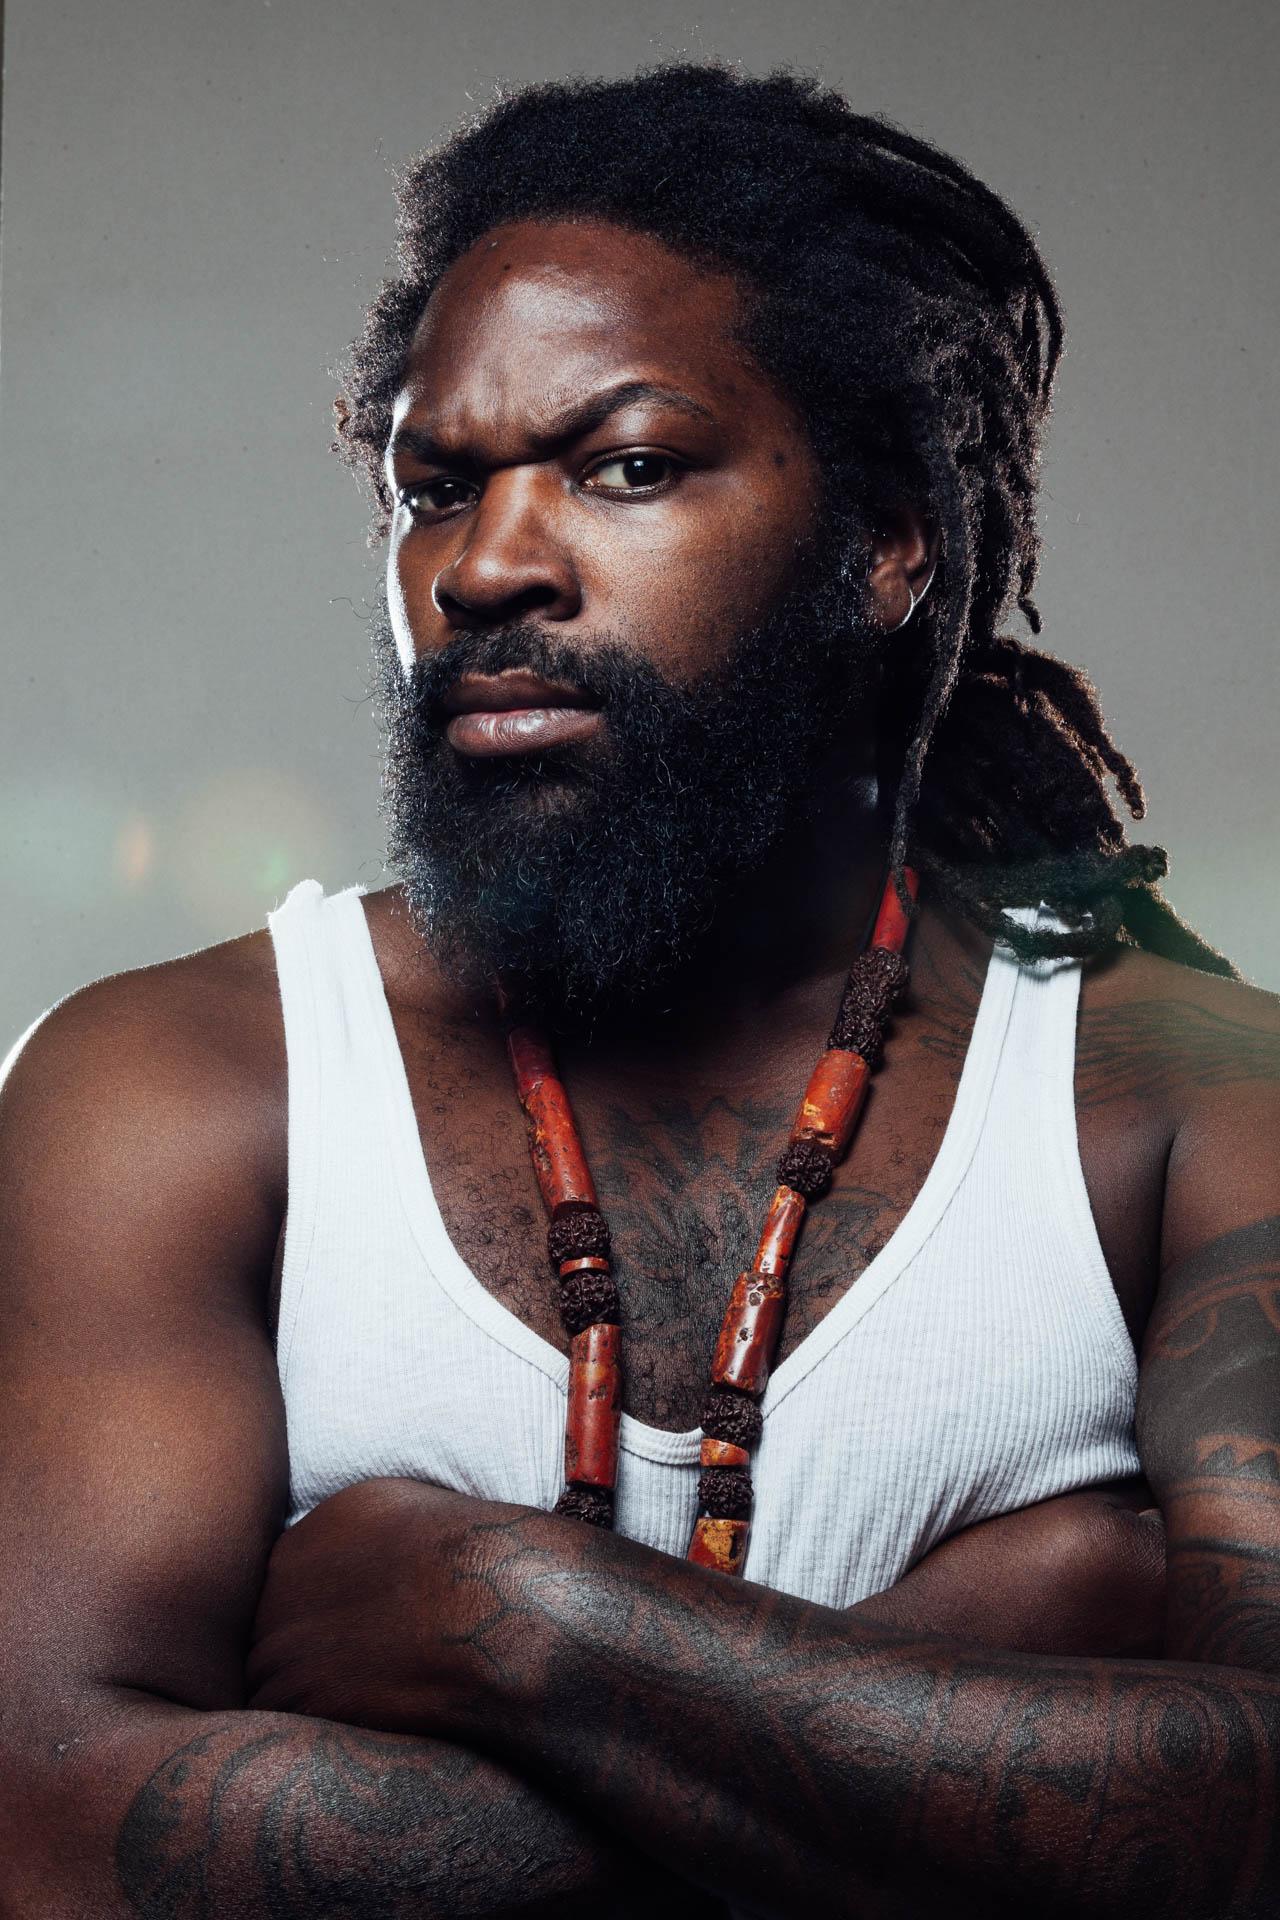 Künstlerportraits von Komi Mizrajim Togbonou, Sänger der Band El Cartel